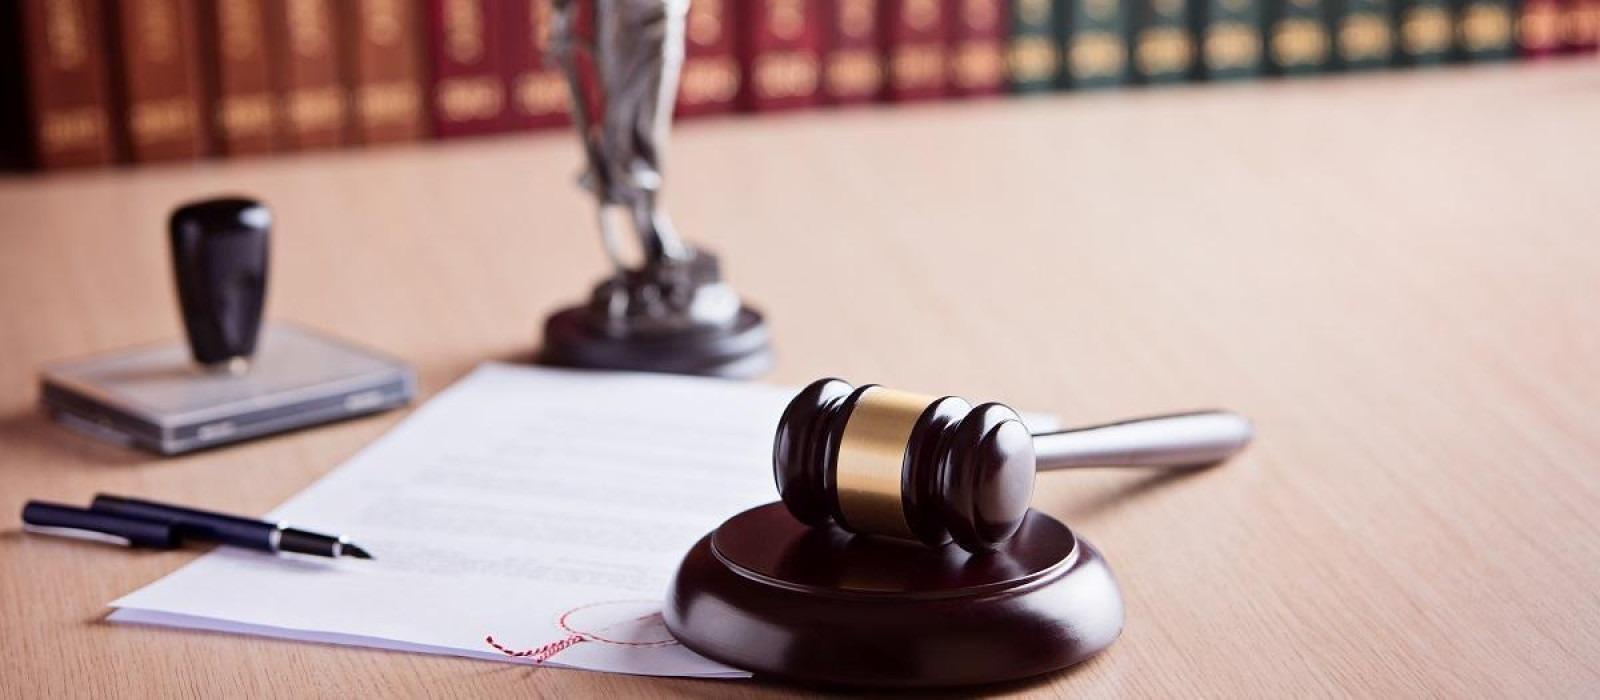 Αποκάλυψη: Ποια δικαστικά πιστοποιητικά θα κατεβάζουμε από τον υπολογιστή μας- Έτοιμη σε λίγες μέρες η πλατφόρμα